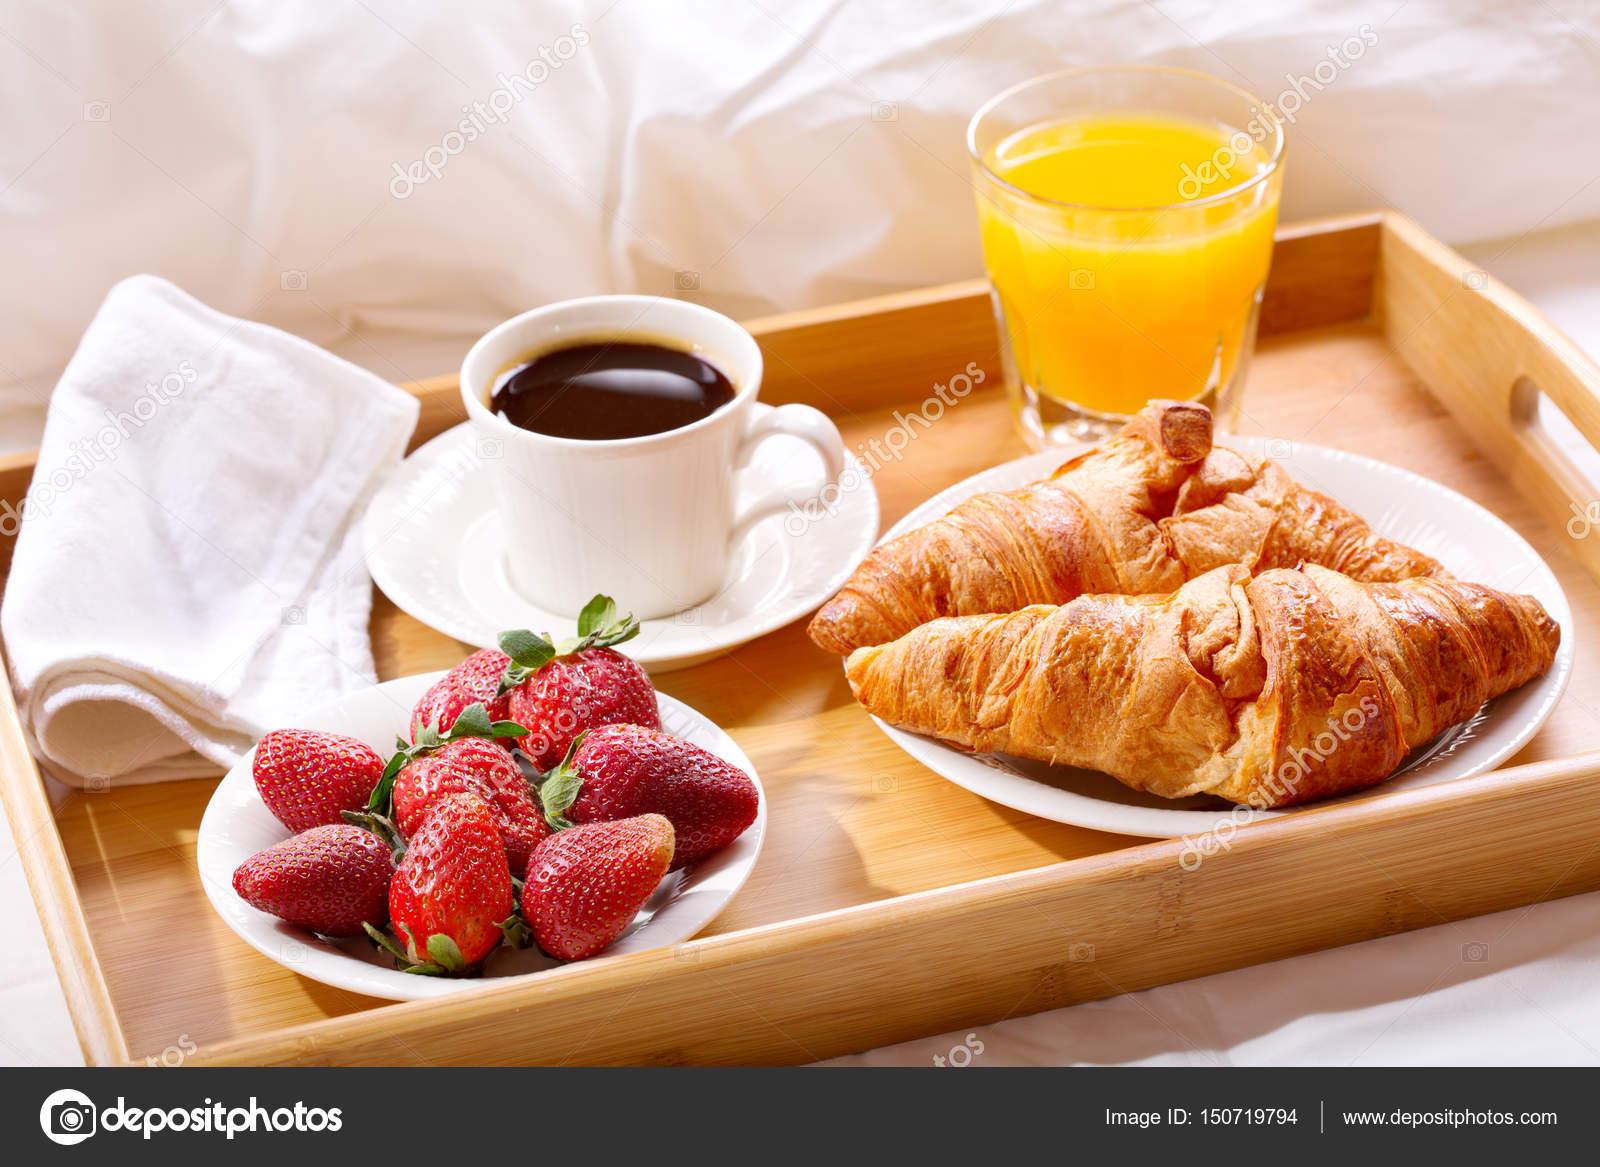 Vassoio della colazione servita a letto foto stock - Colazione a letto immagini ...